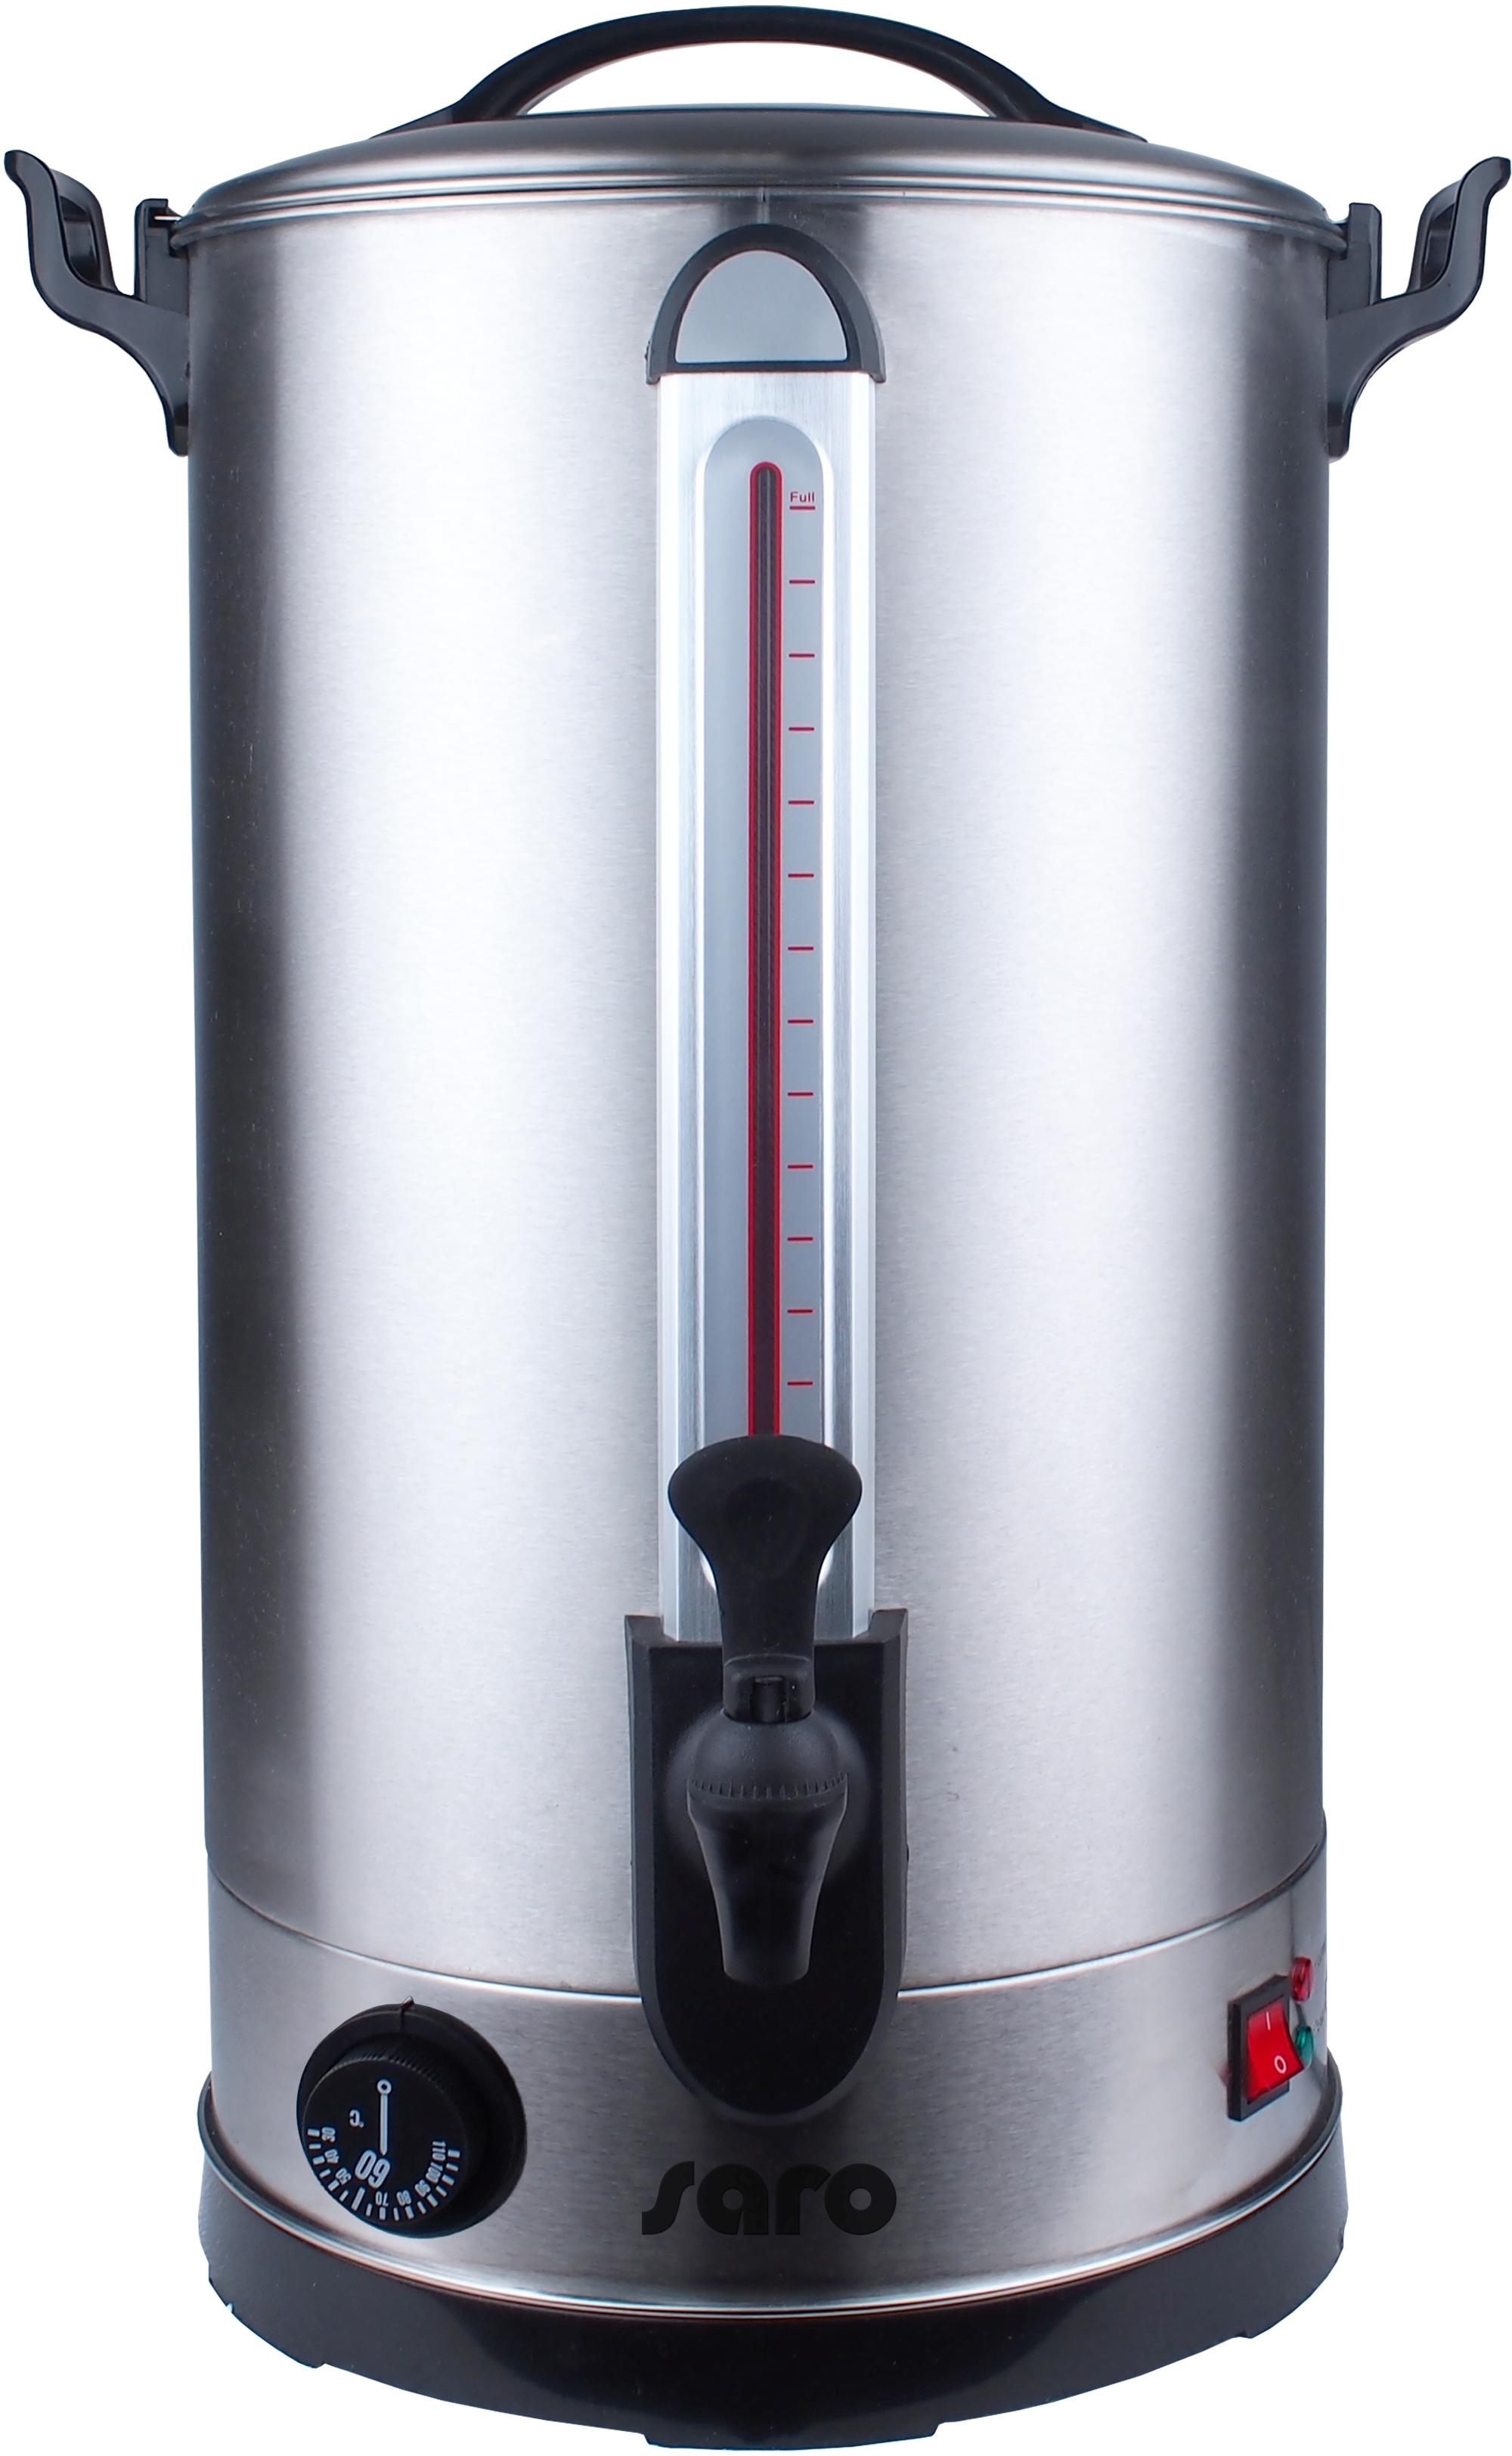 Water Boiler Model ~ Wine and water boiler model ancona saro